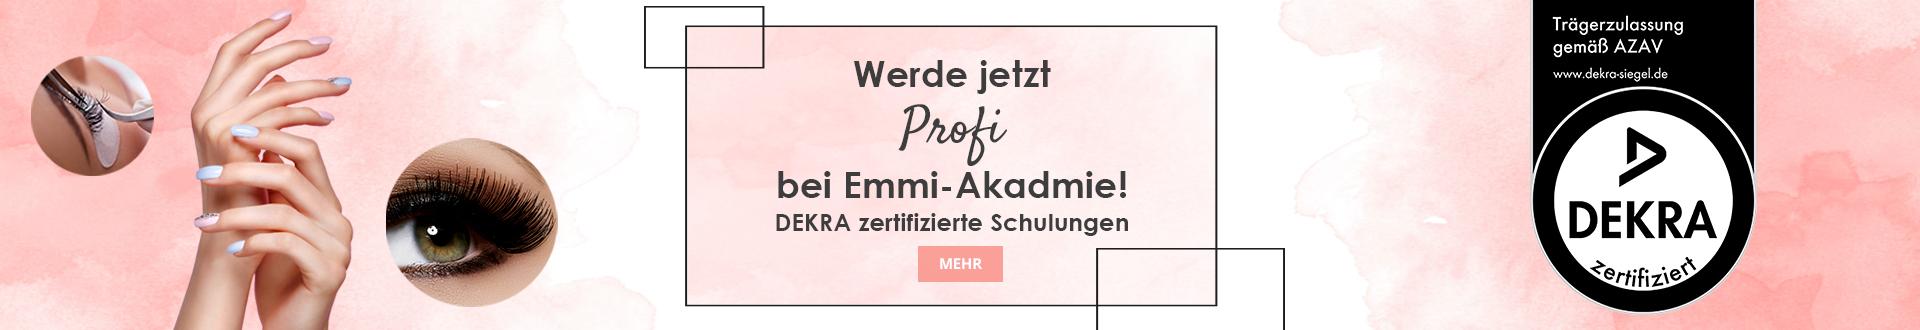 Banner zertifizierte Schulungen Emmiakademie Deutschland